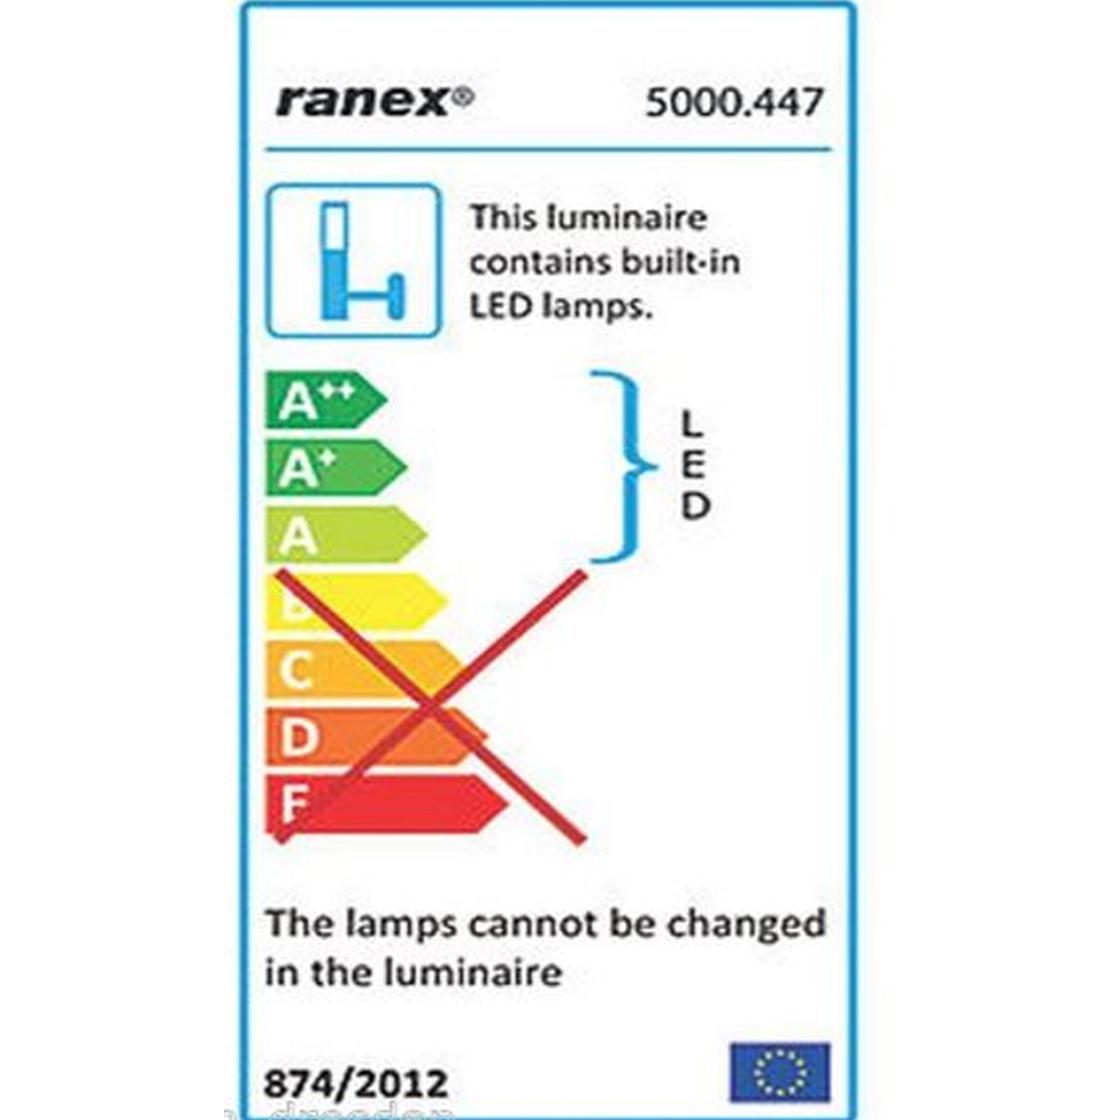 Ranex 5000.447 FARO 3,6 W LED Wandleuchte Schwarz IP54